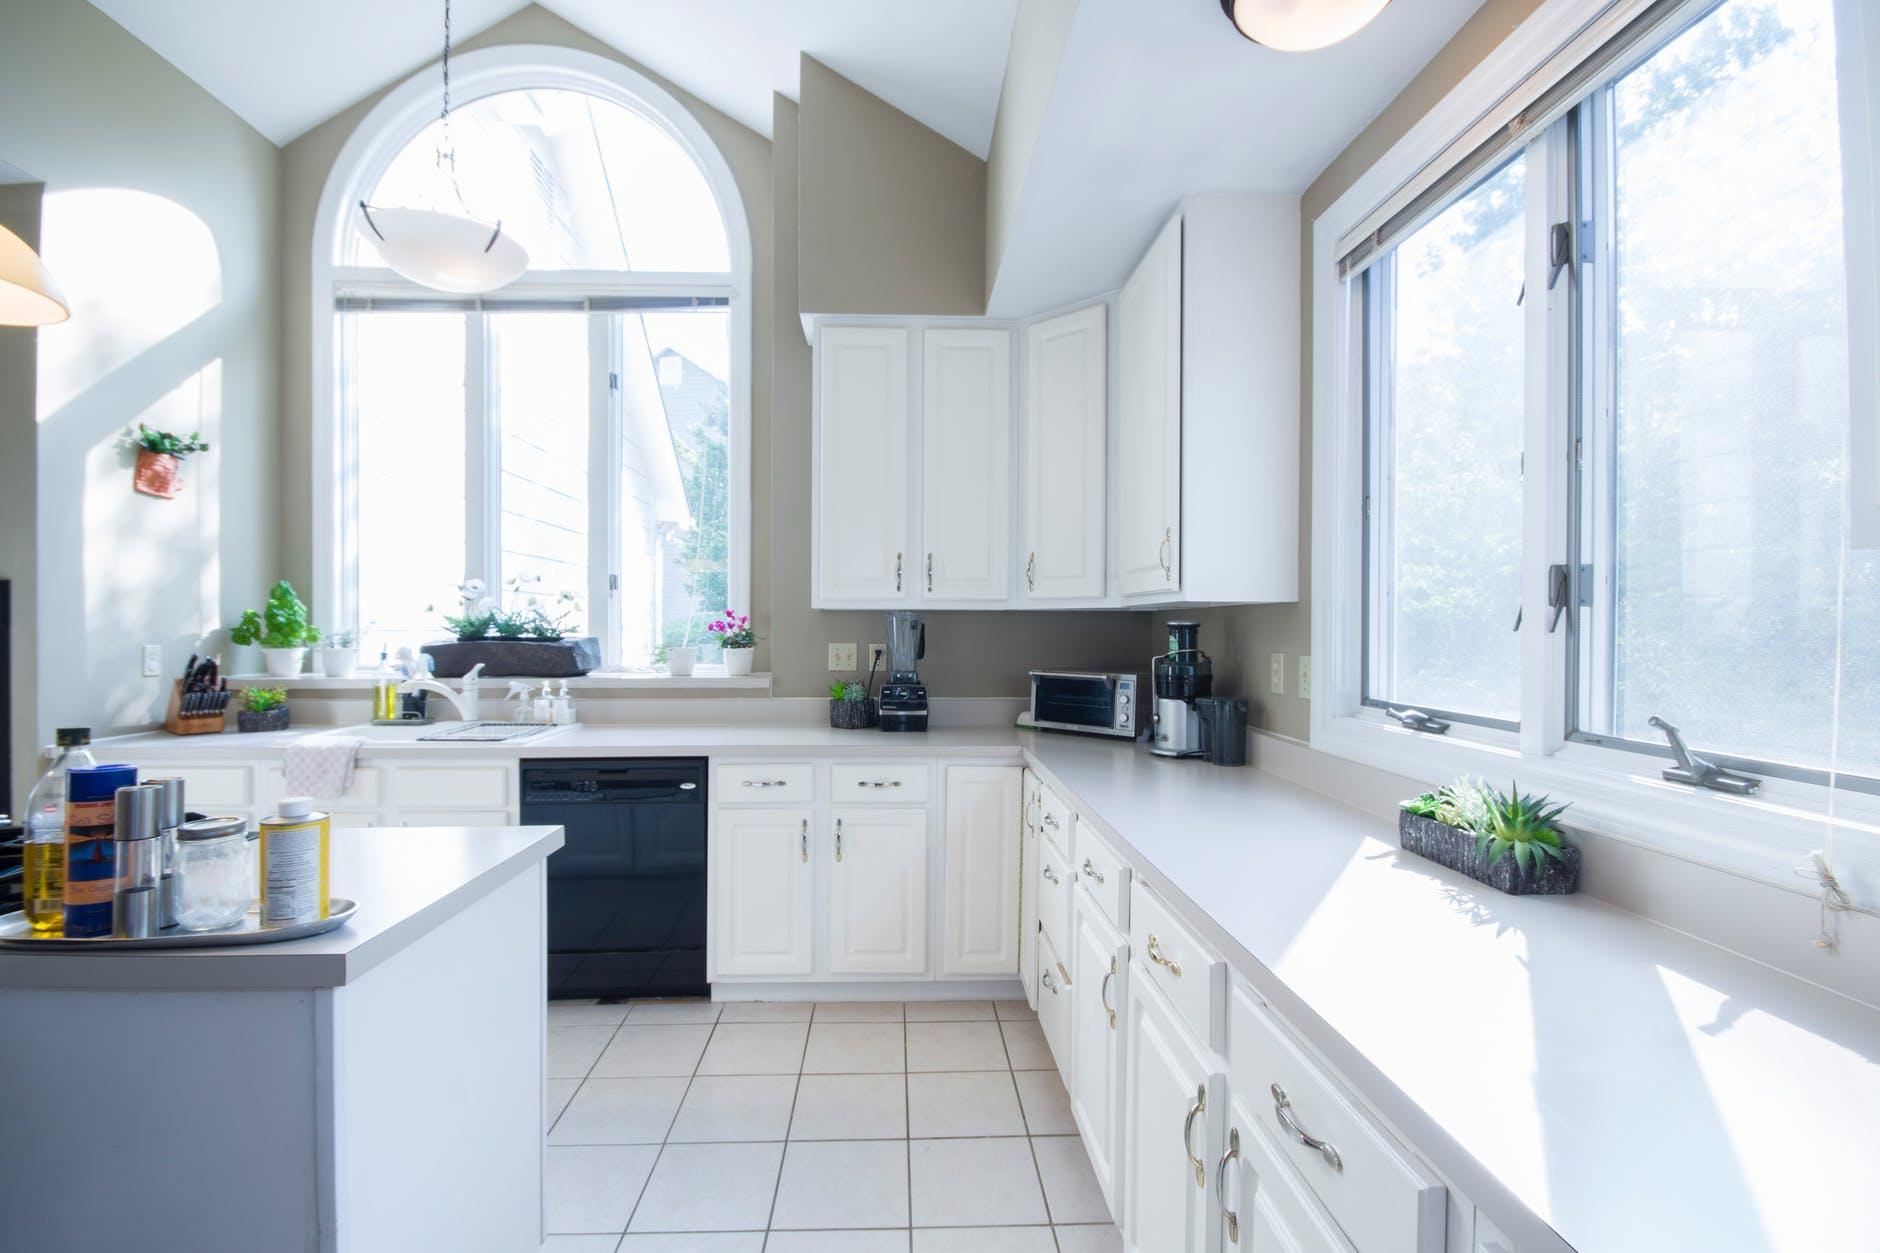 Cleaning Beautiful Kitchen.jpeg